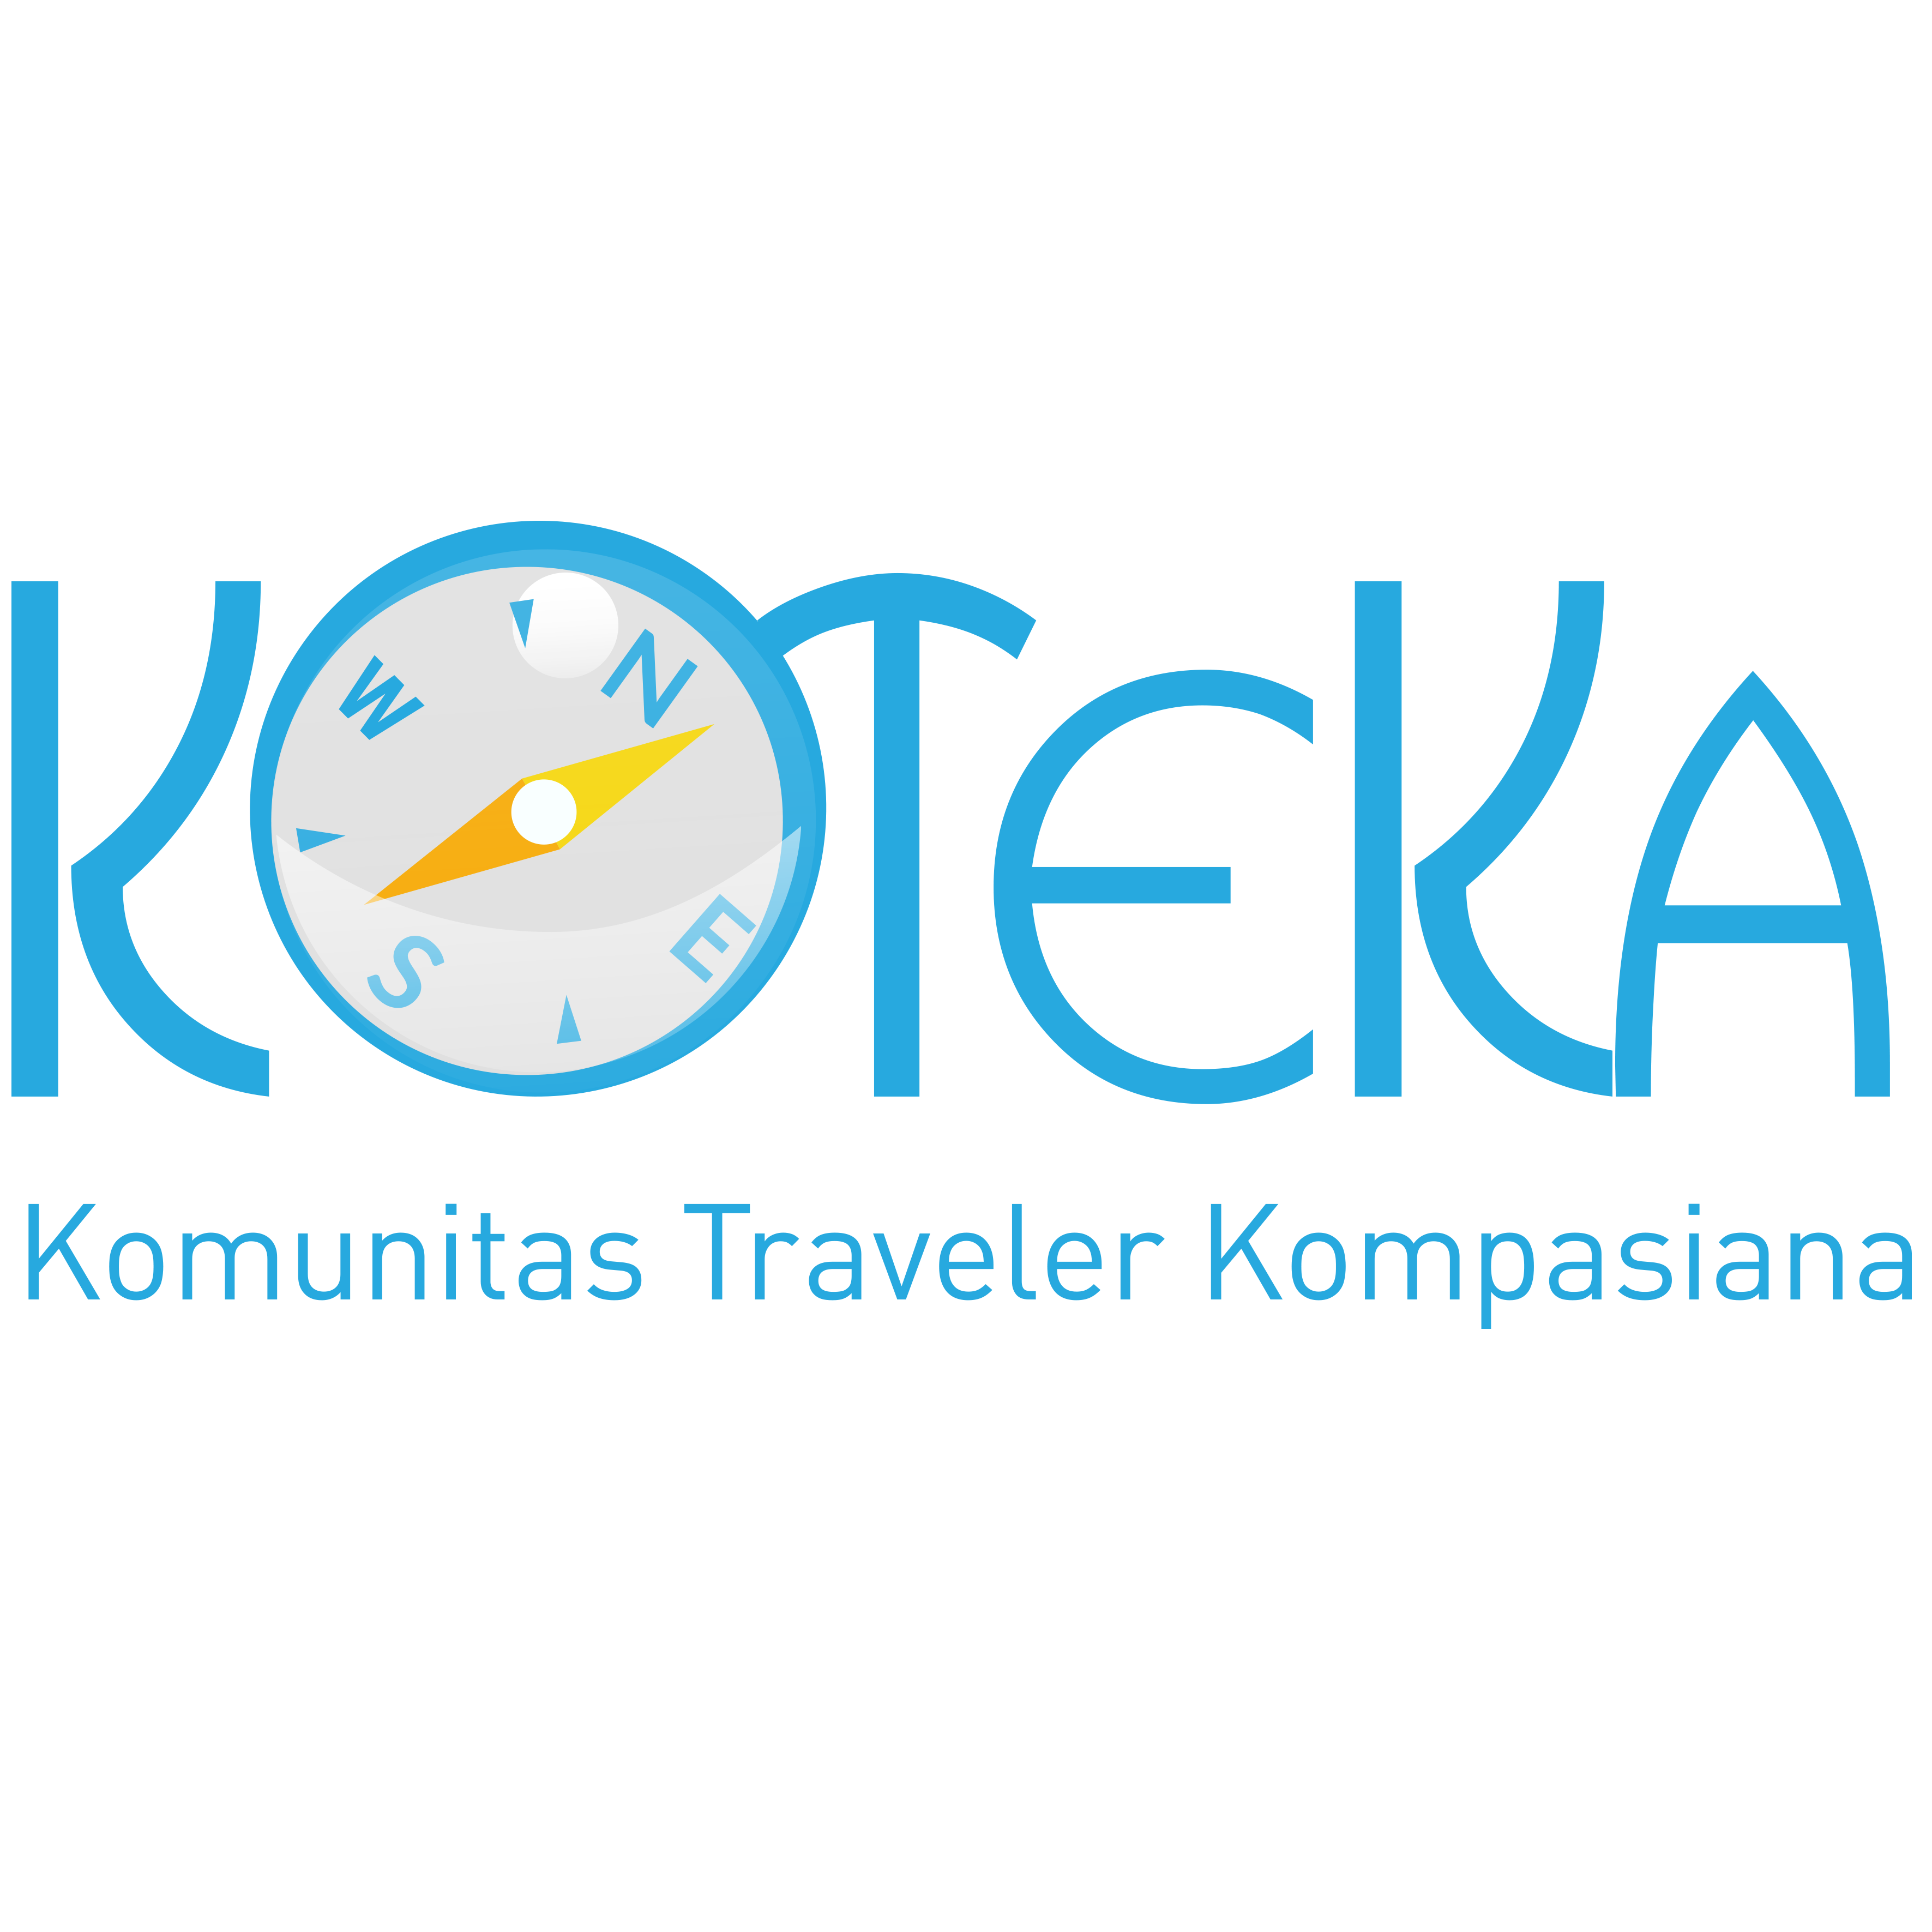 items/kaleidoskop_2020/koteka-1607753725.png